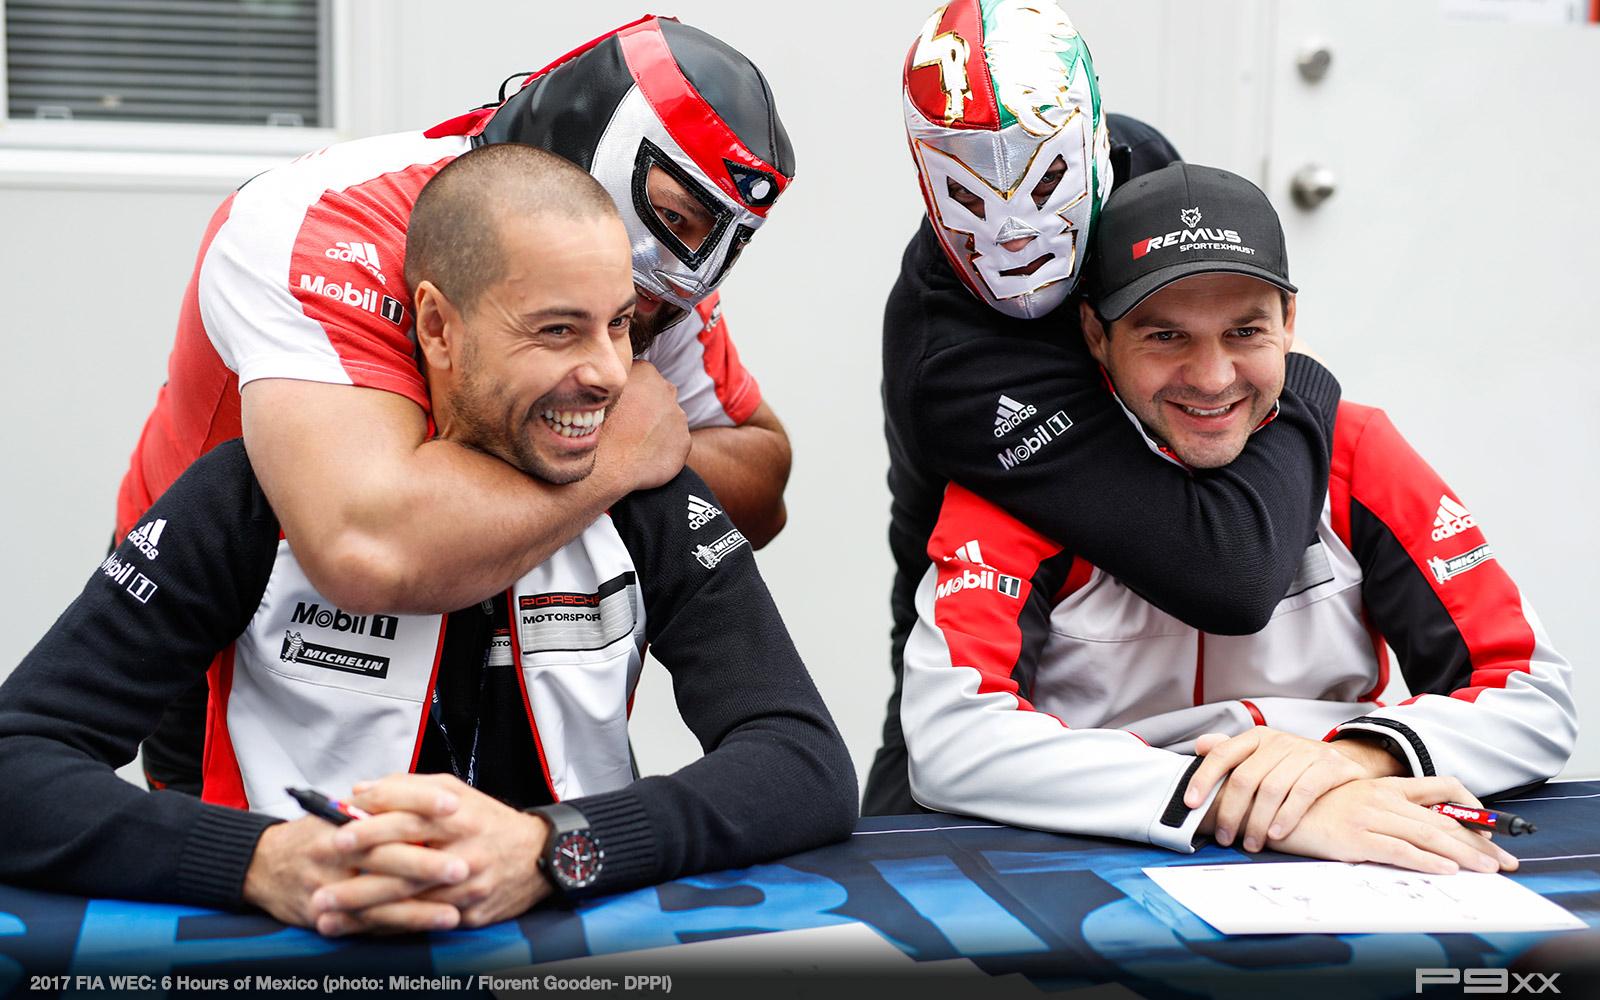 2017-FIA-WEC-6-HOURS-MEXICO-PORSCHE-exico_02117008__GOO46401217